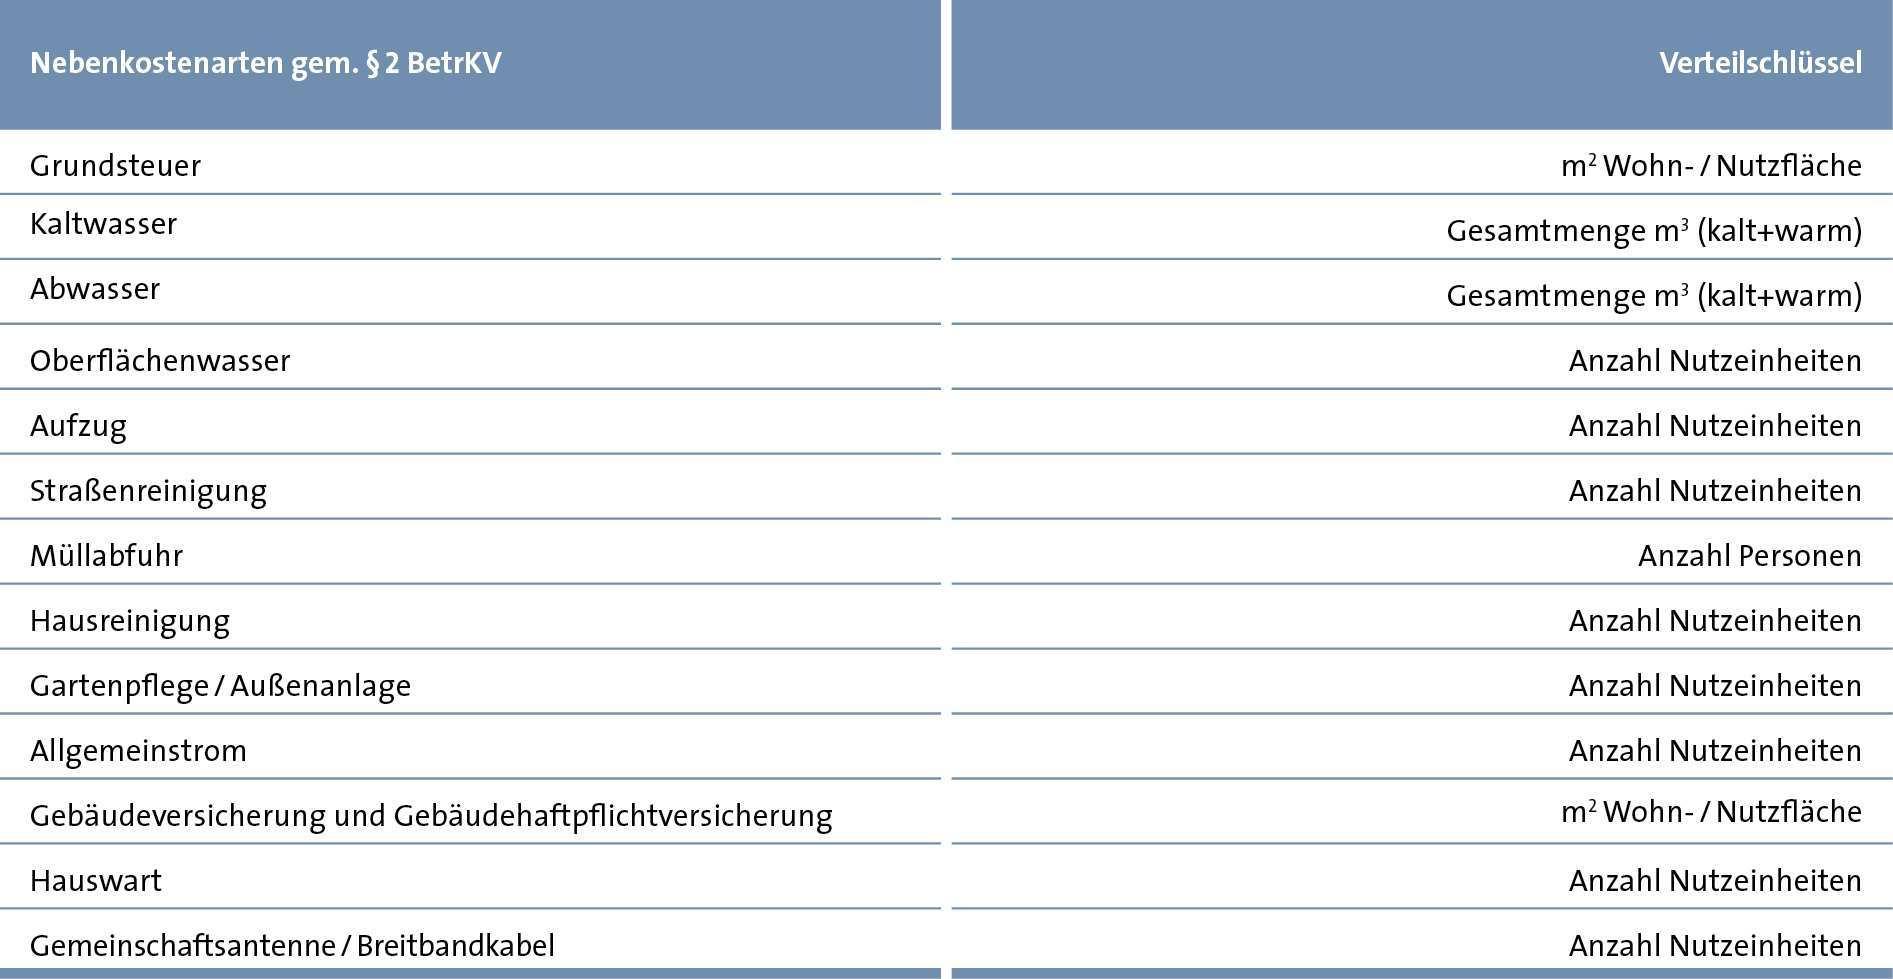 Nebenkostenabrechnung Betriebskostenabrechnung Erstellen Ista